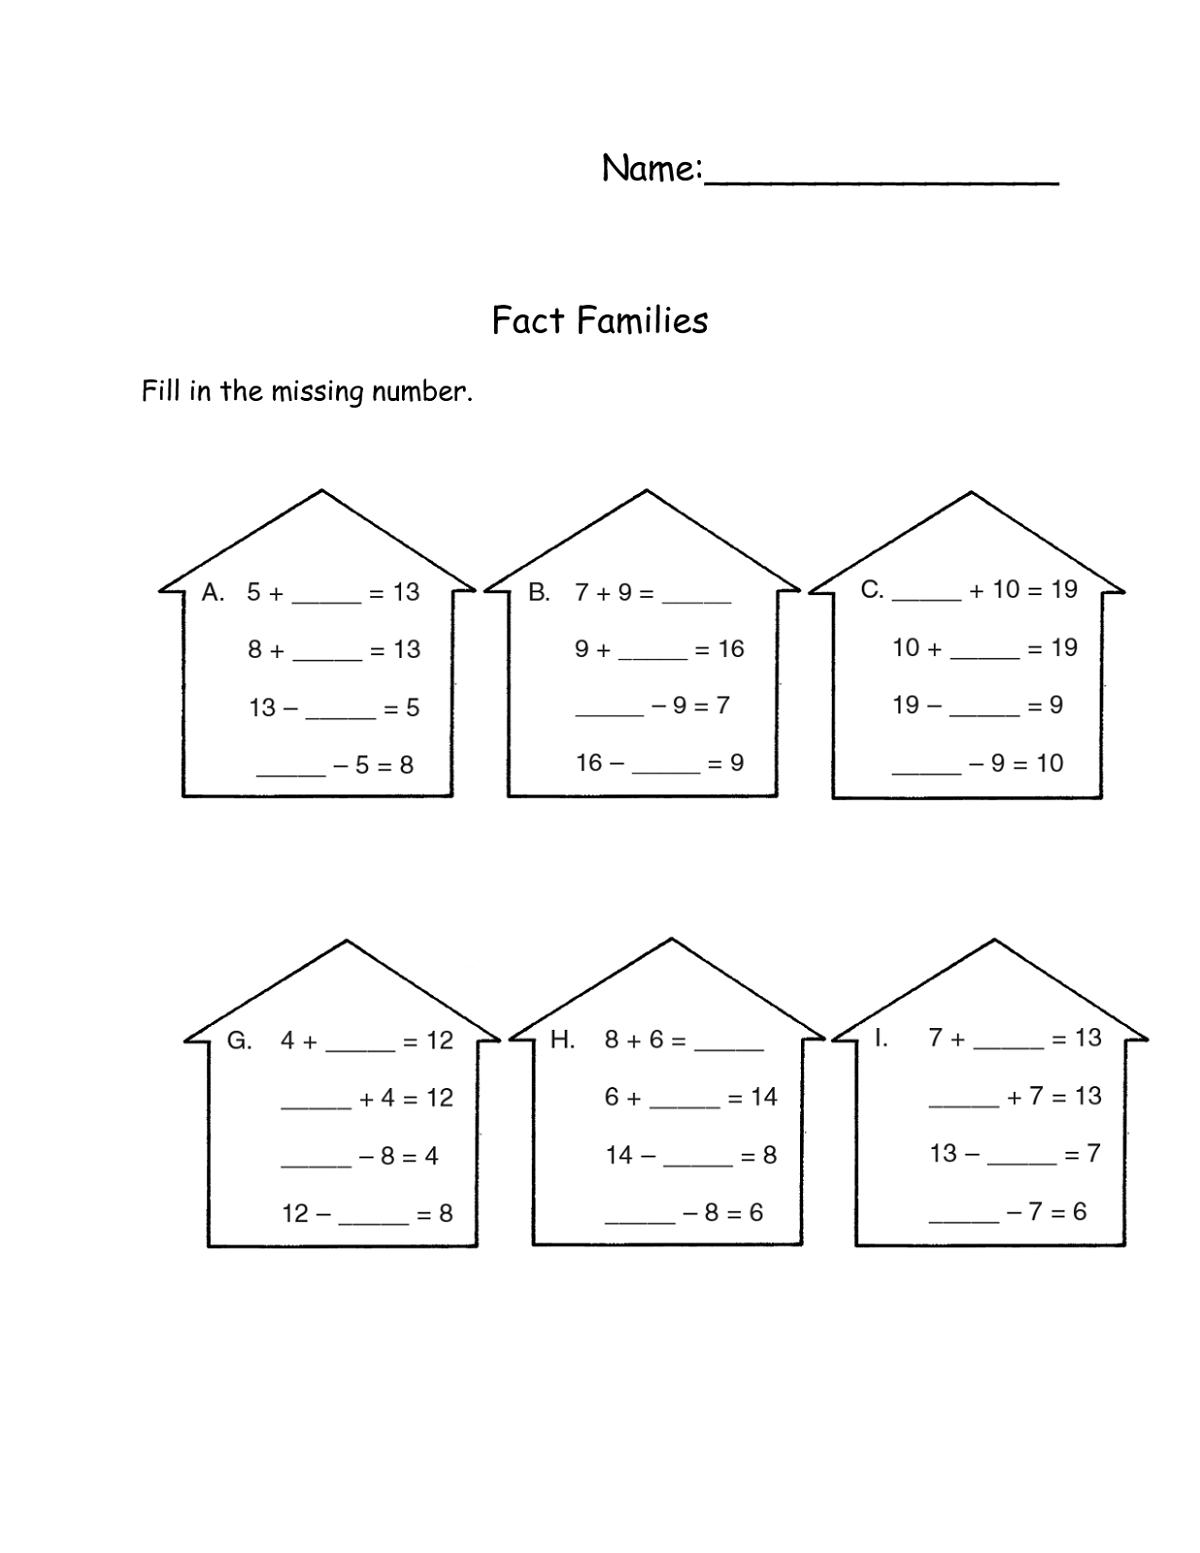 Fact Family Worksheet For Kids